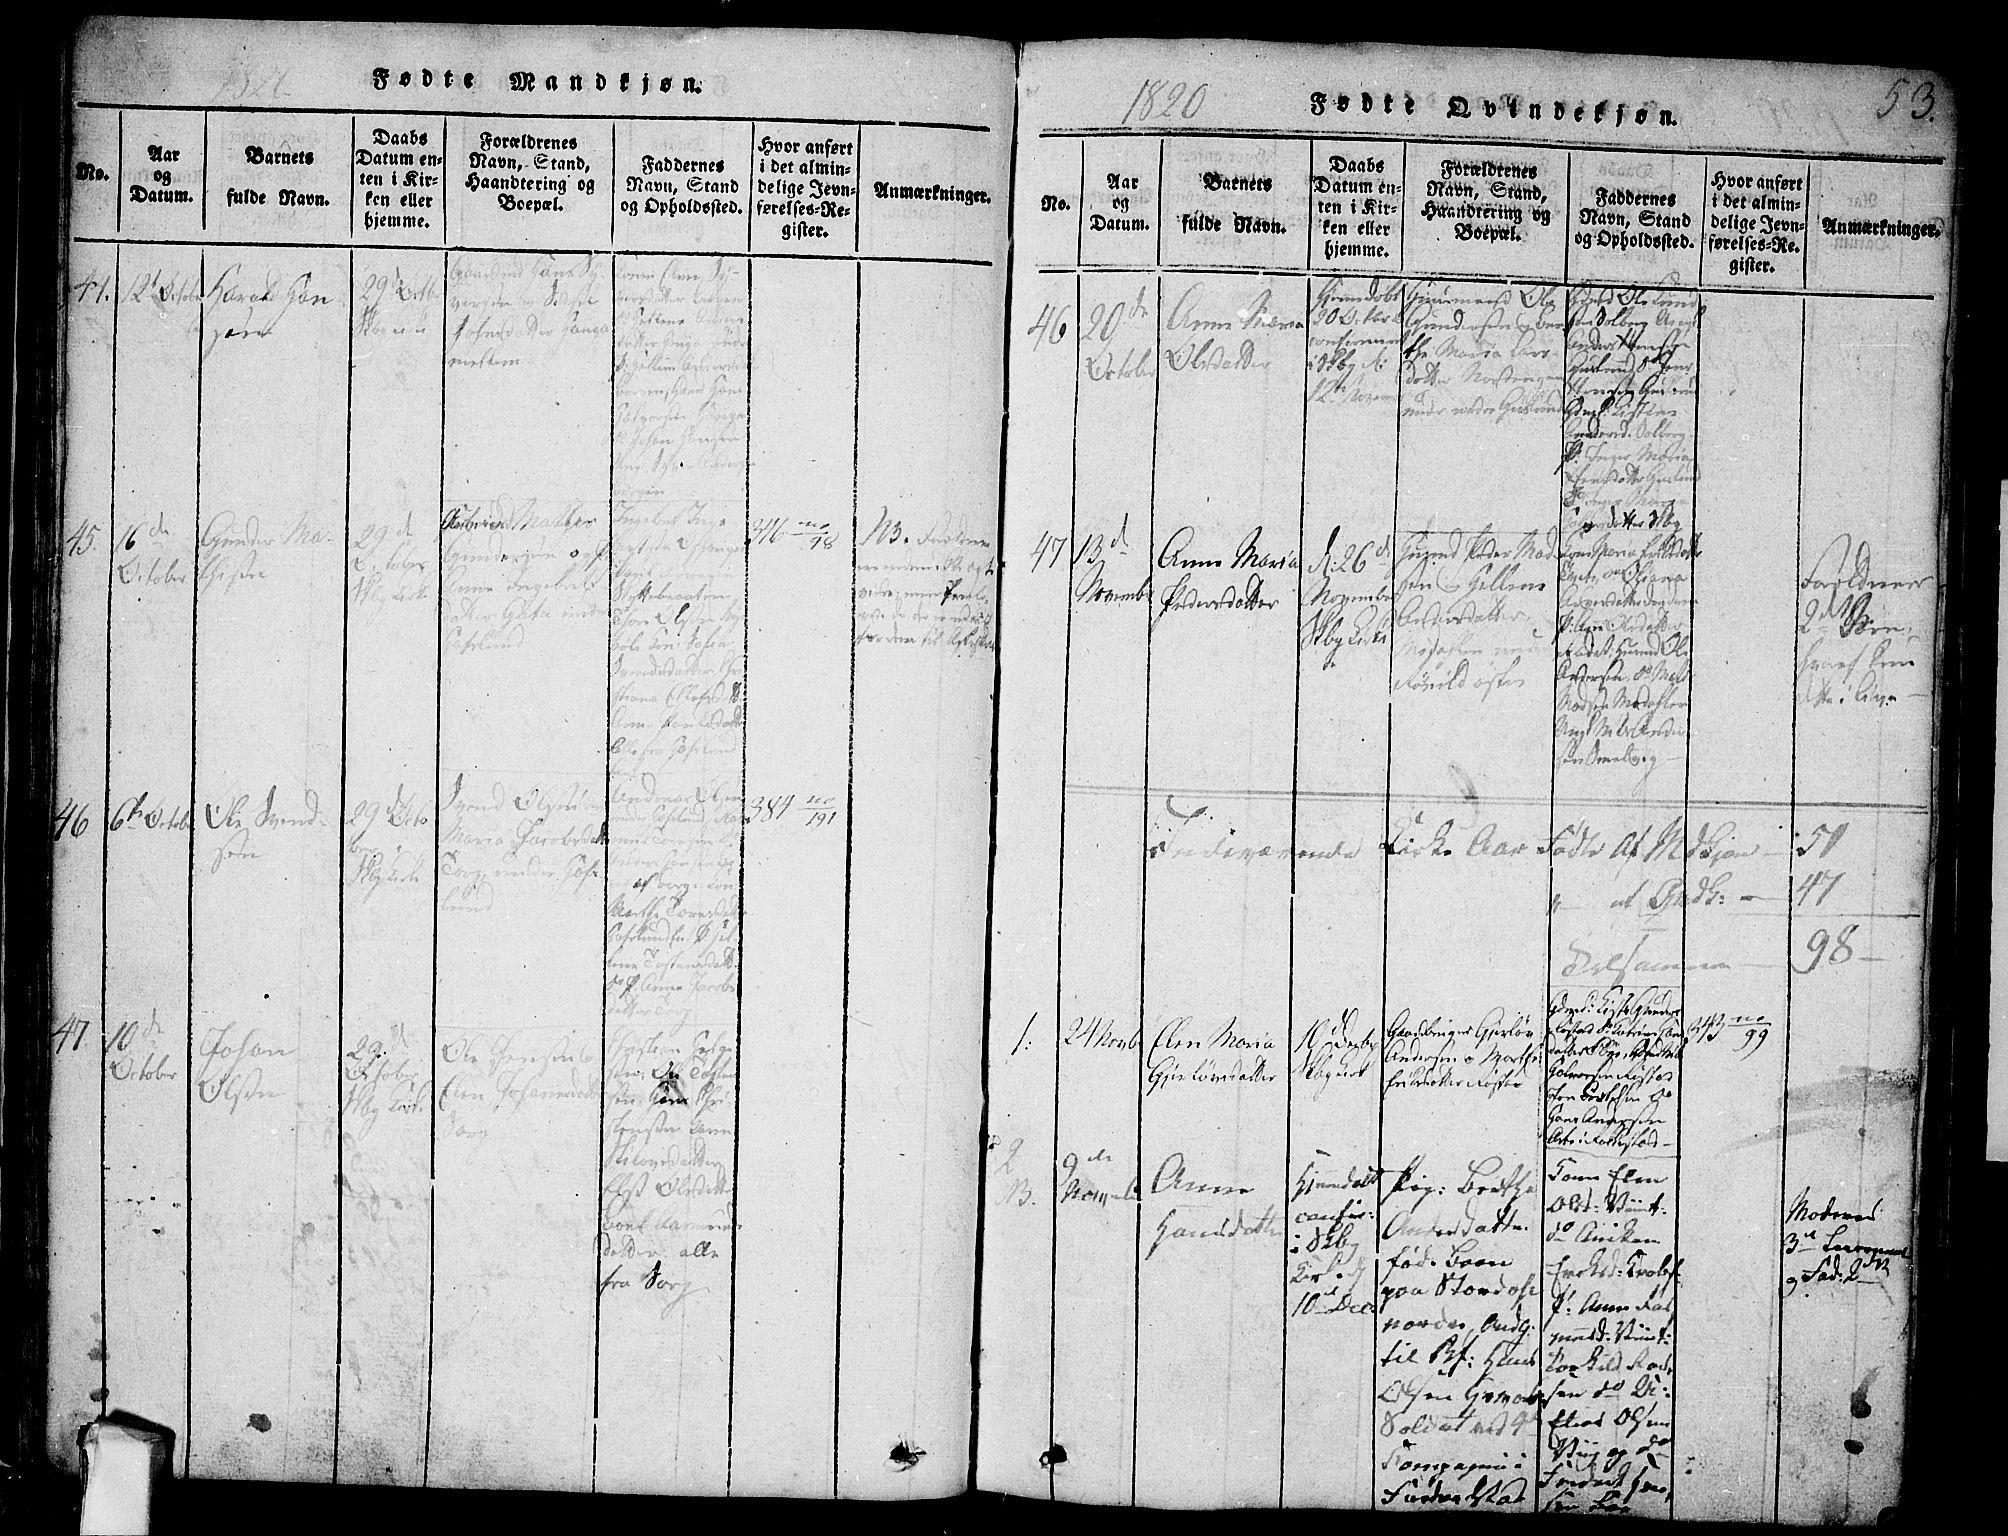 SAO, Skjeberg prestekontor Kirkebøker, F/Fa/L0004: Ministerialbok nr. I 4, 1815-1830, s. 53